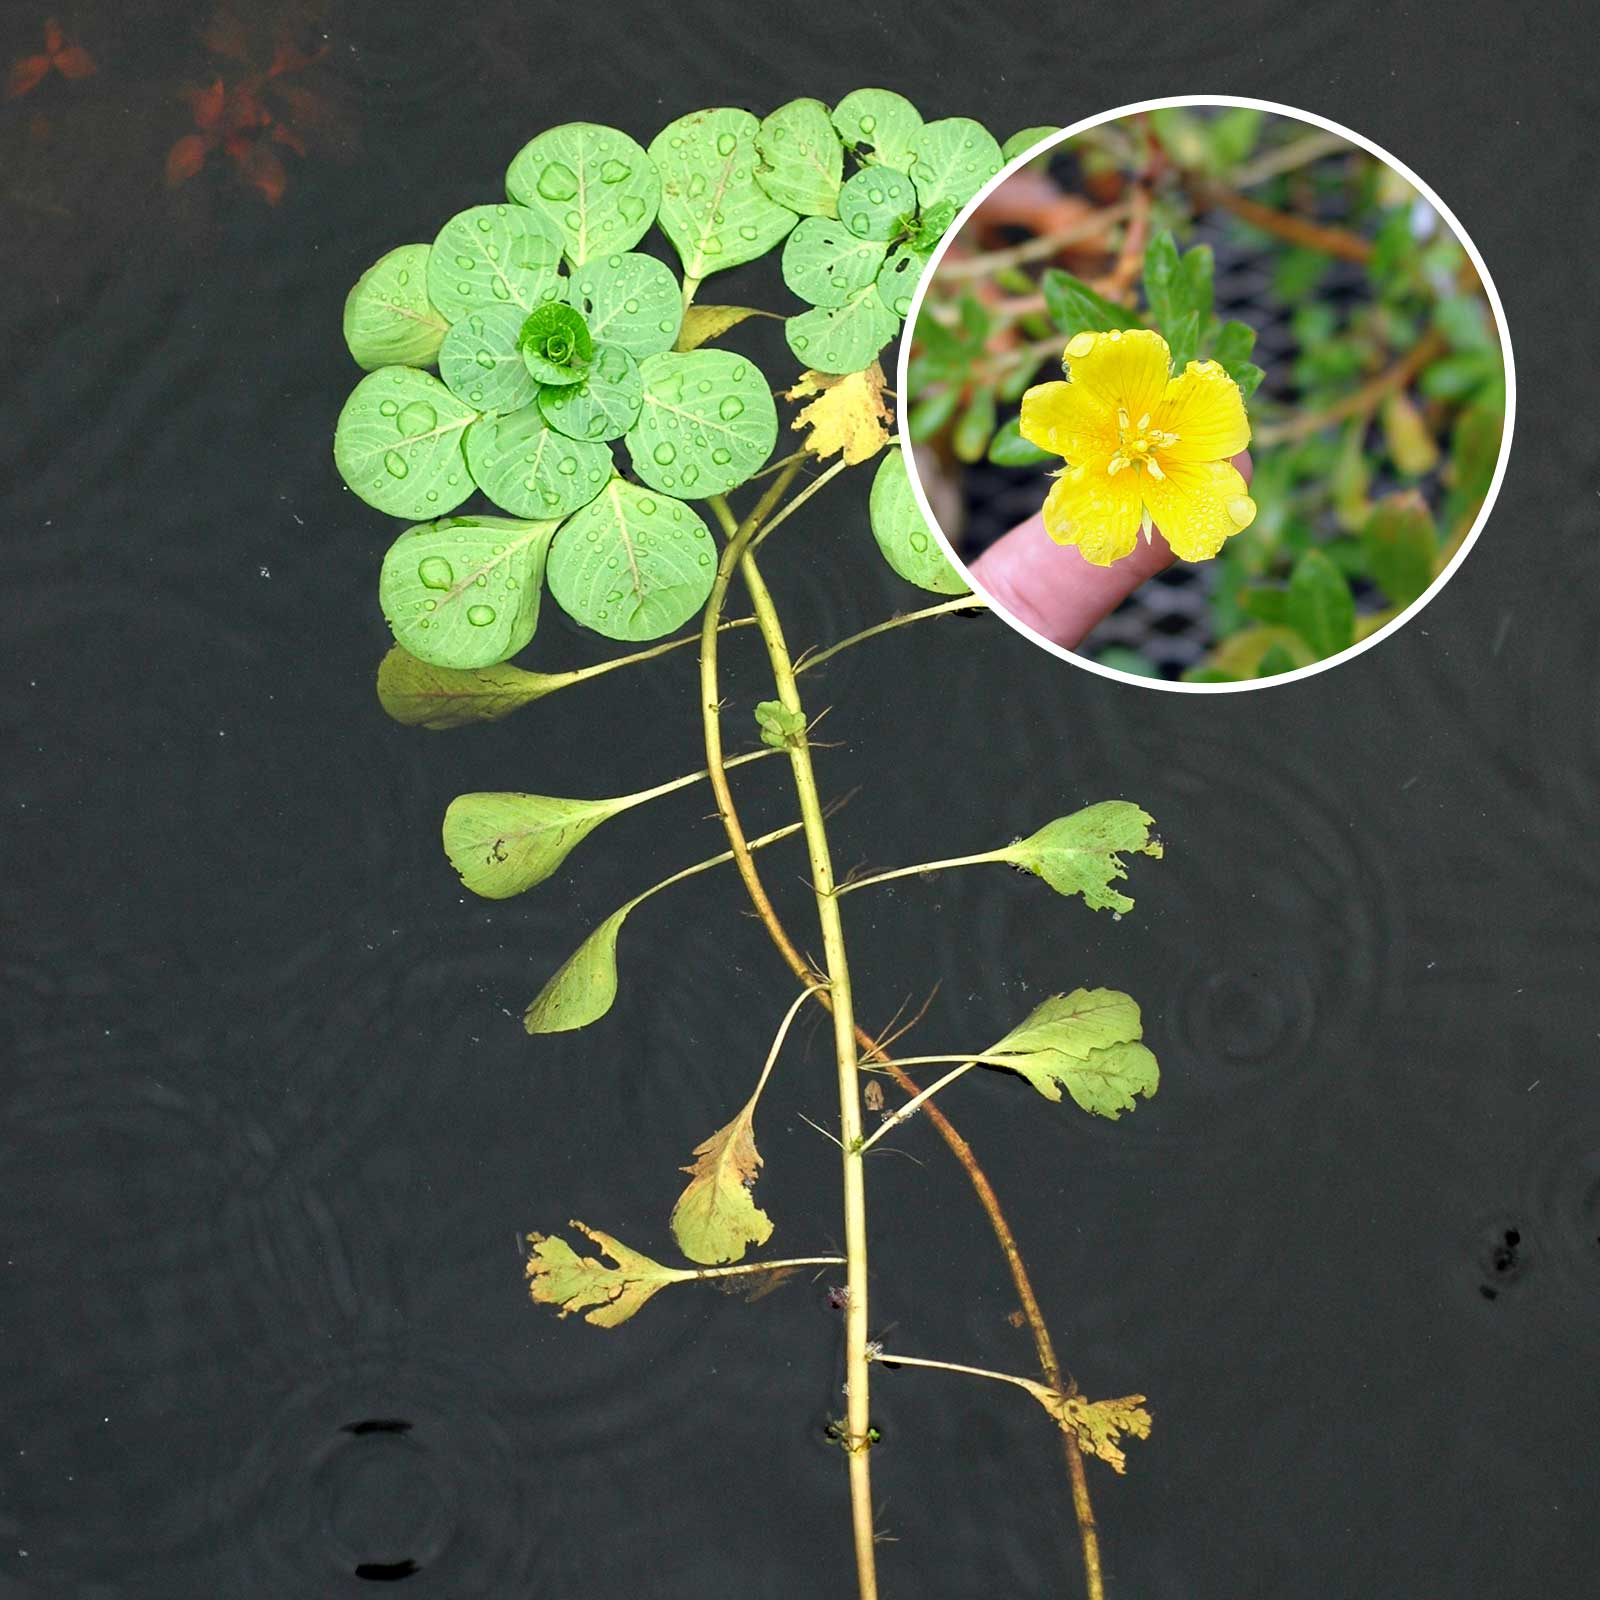 Creeping Water Primrose Pond and Lake Vegetaton